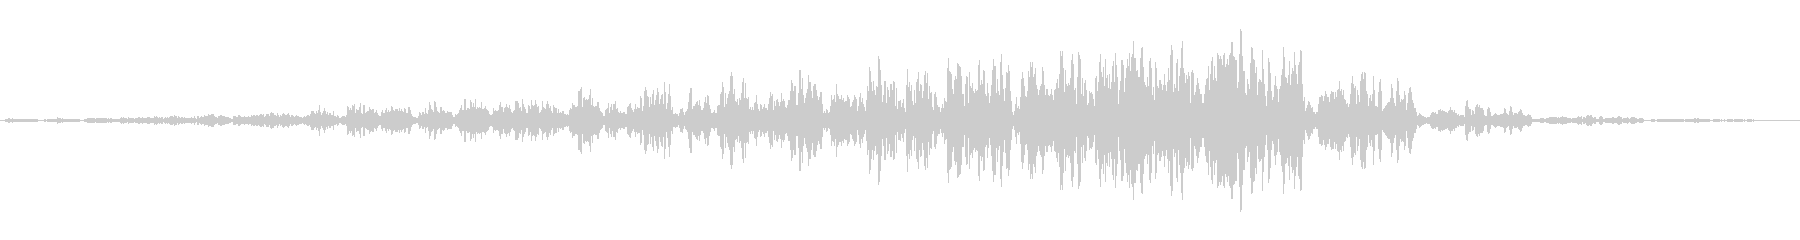 シャララ系シューン(不安な感じの音)の未再生の波形